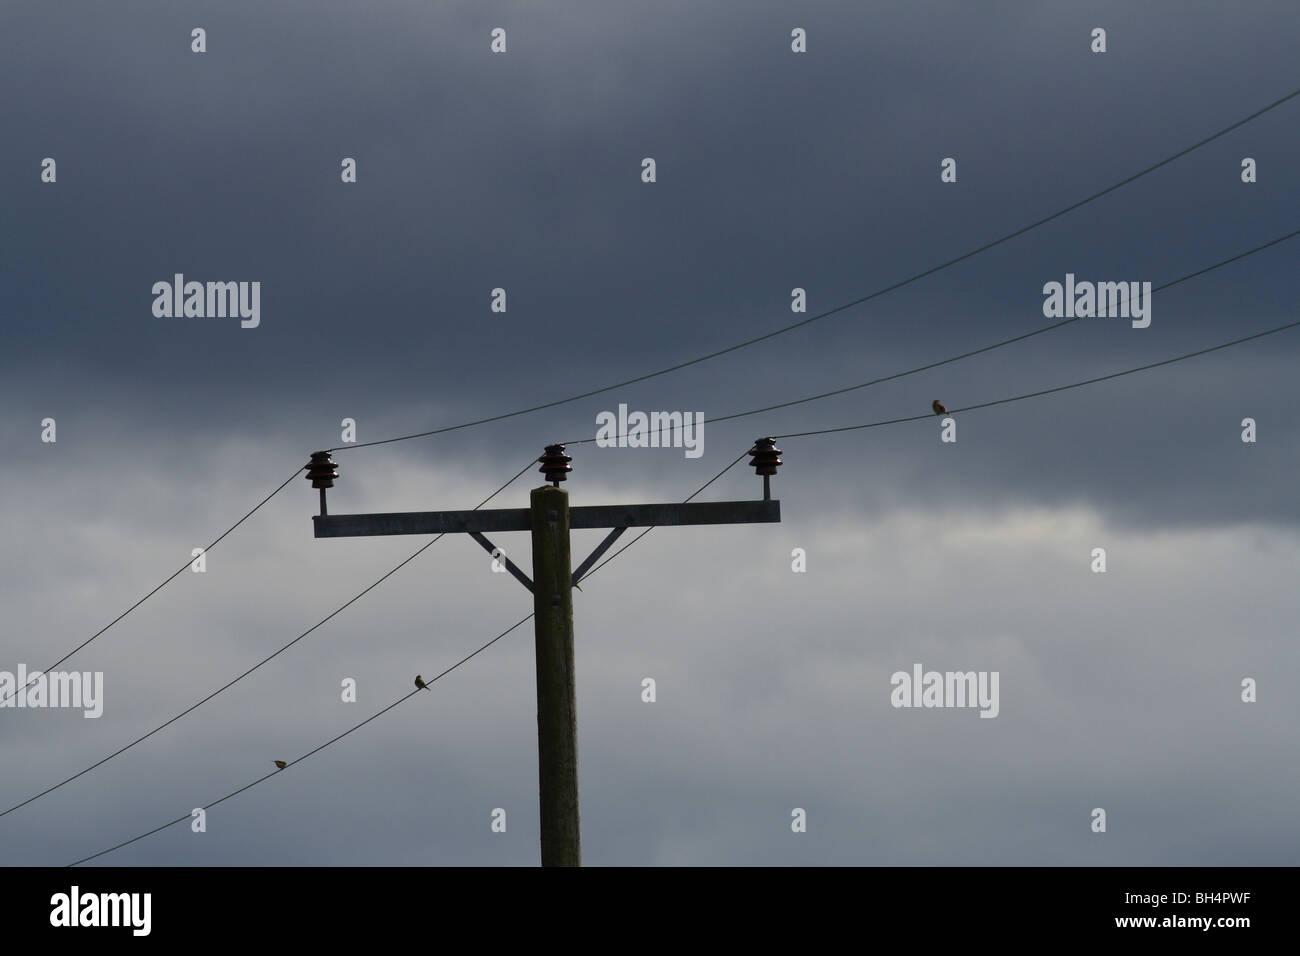 Martins (Delichon urbica casa) sentados en líneas de transmisión de alto voltaje con dramáticas nubes de tormenta. Foto de stock